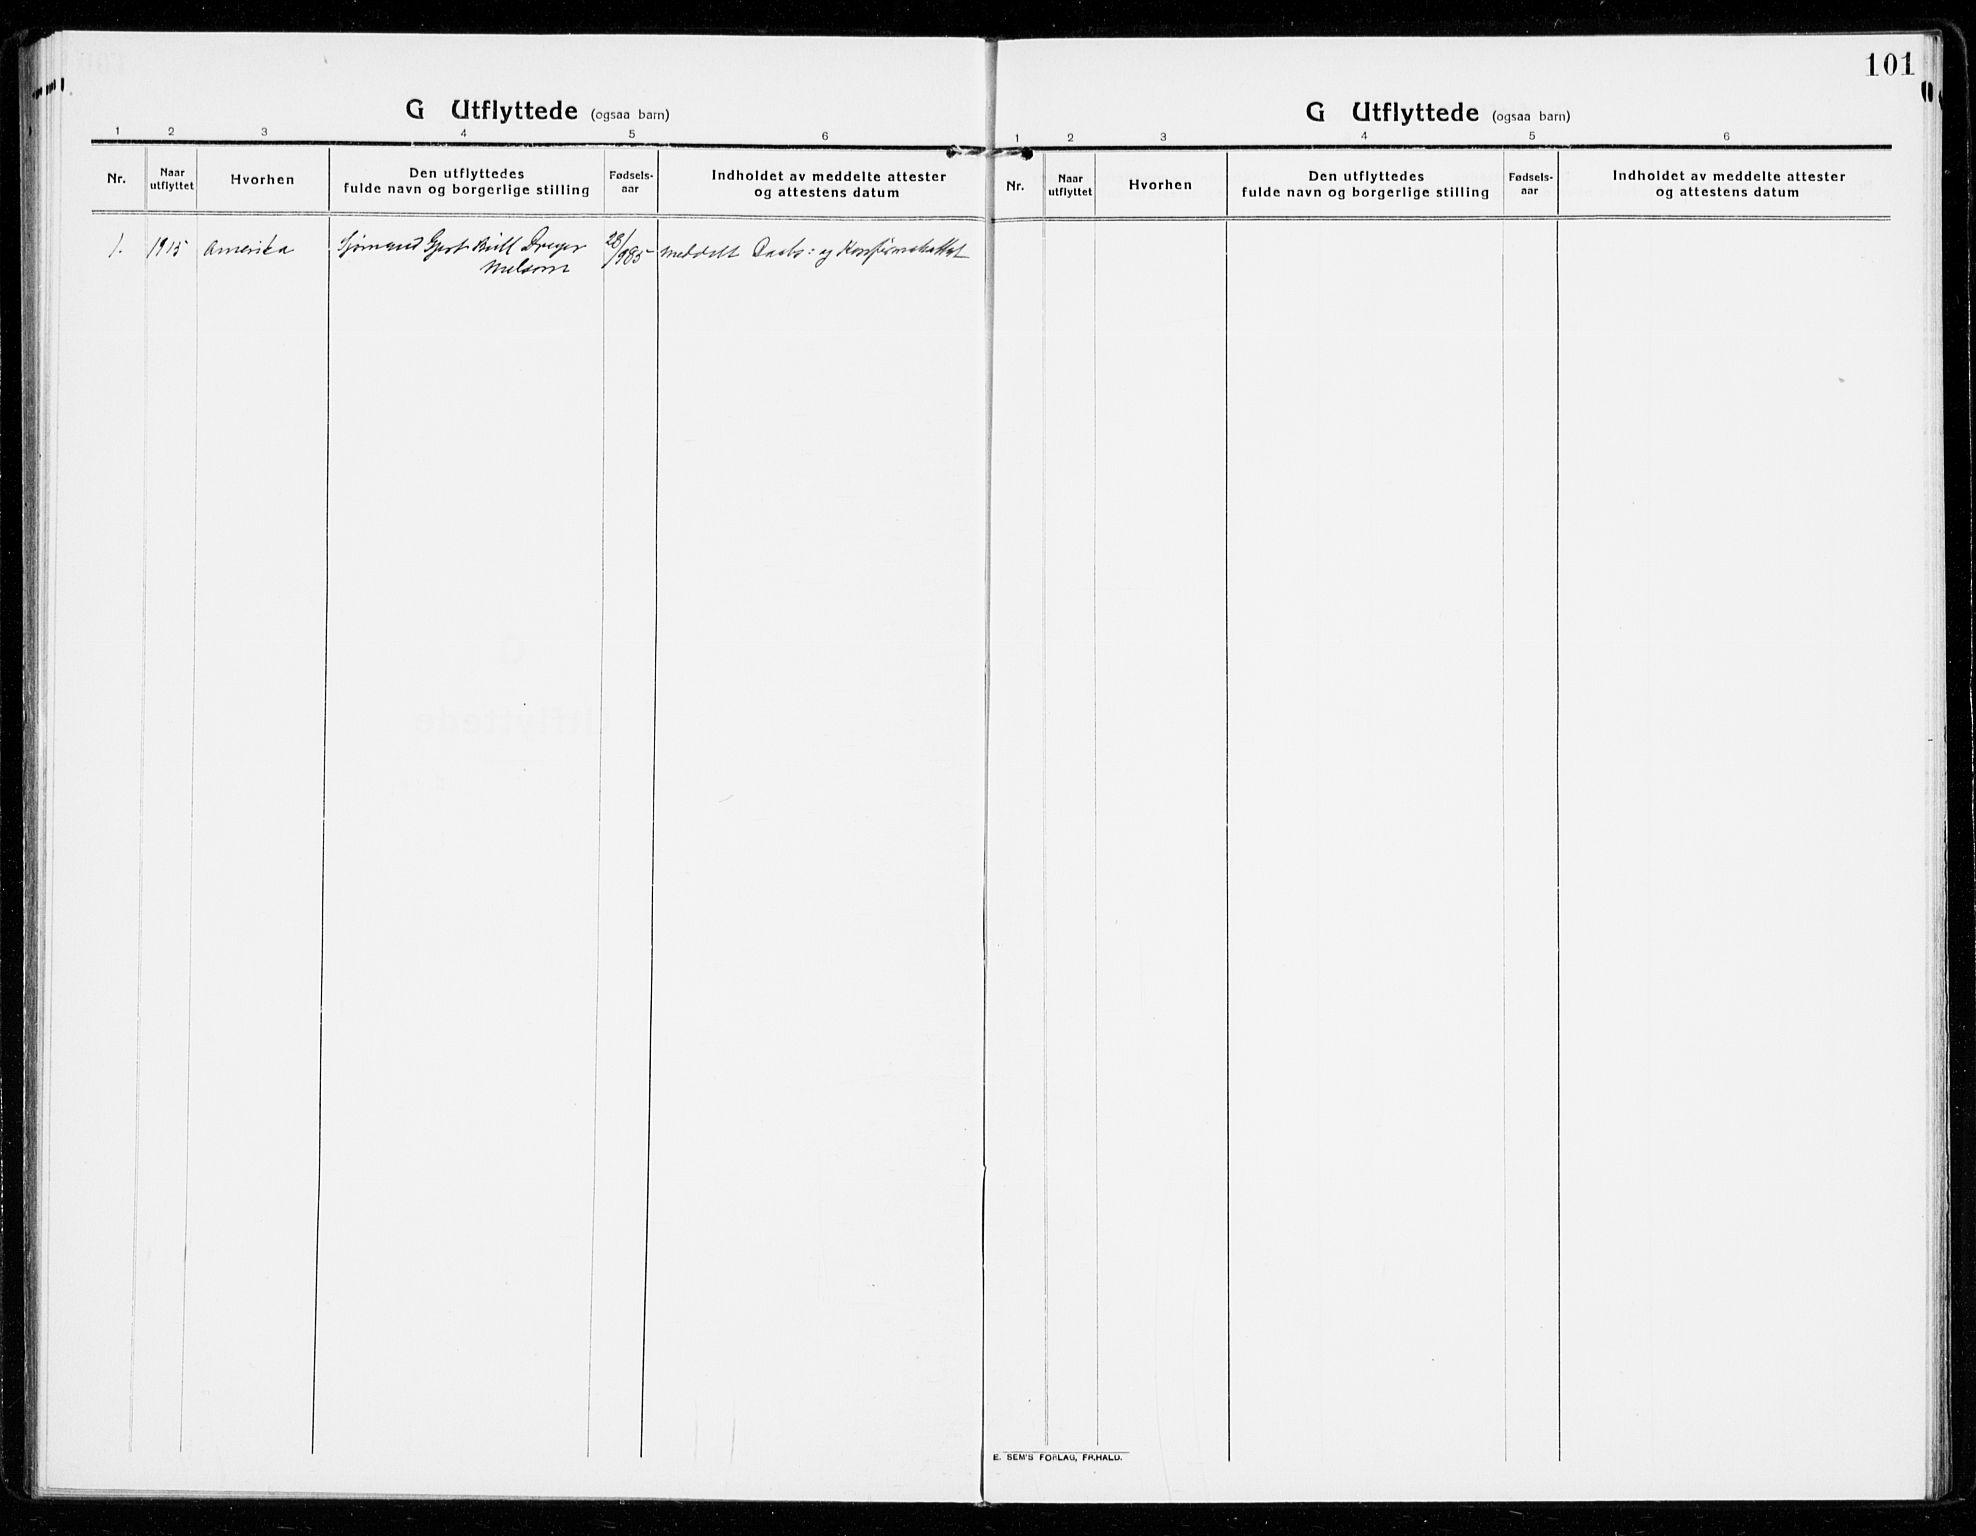 SAKO, Sandar kirkebøker, F/Fa/L0020: Ministerialbok nr. 20, 1915-1919, s. 101